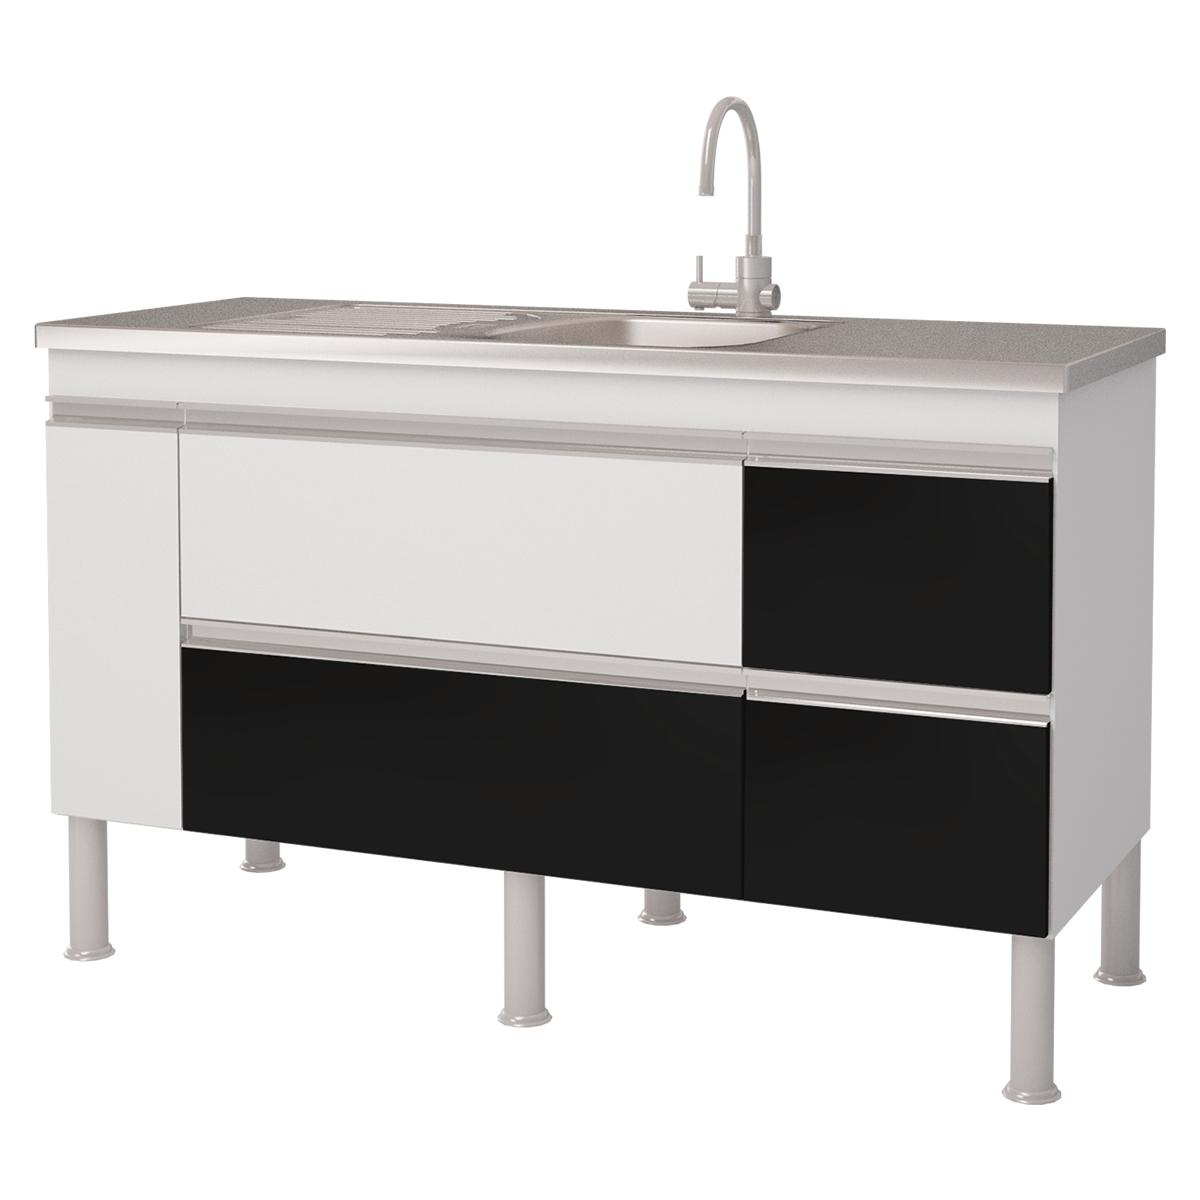 Balcao De Cozinha 100% Mdf Prisma Para Pia 134 cm - Branco/Preto - Mgm